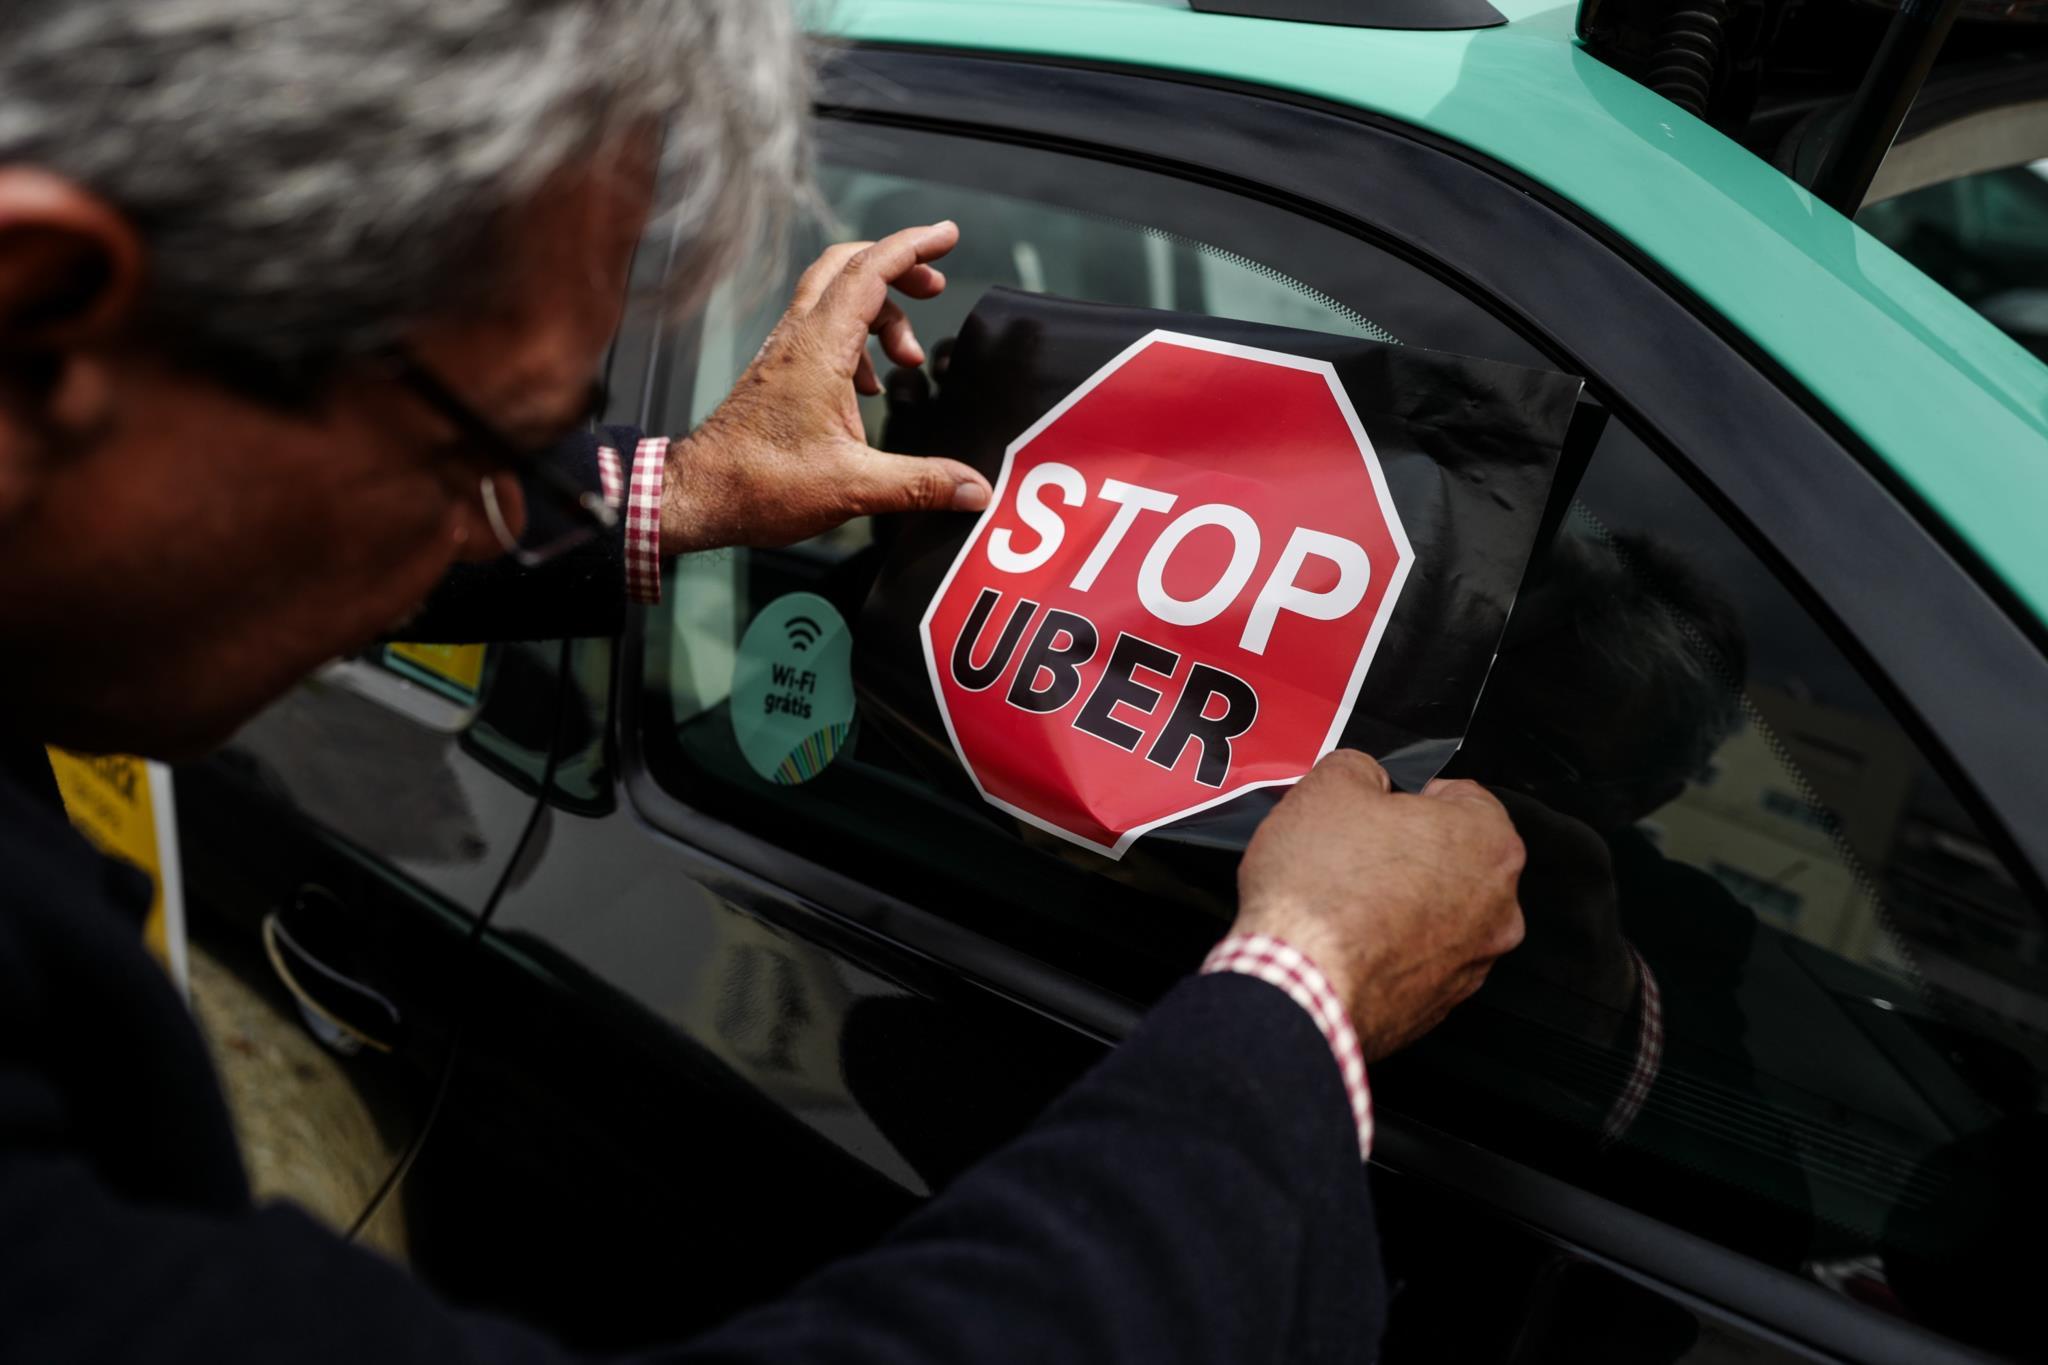 PÚBLICO - PSD quer taxa reguladora por cada serviço da Uber e Cabify